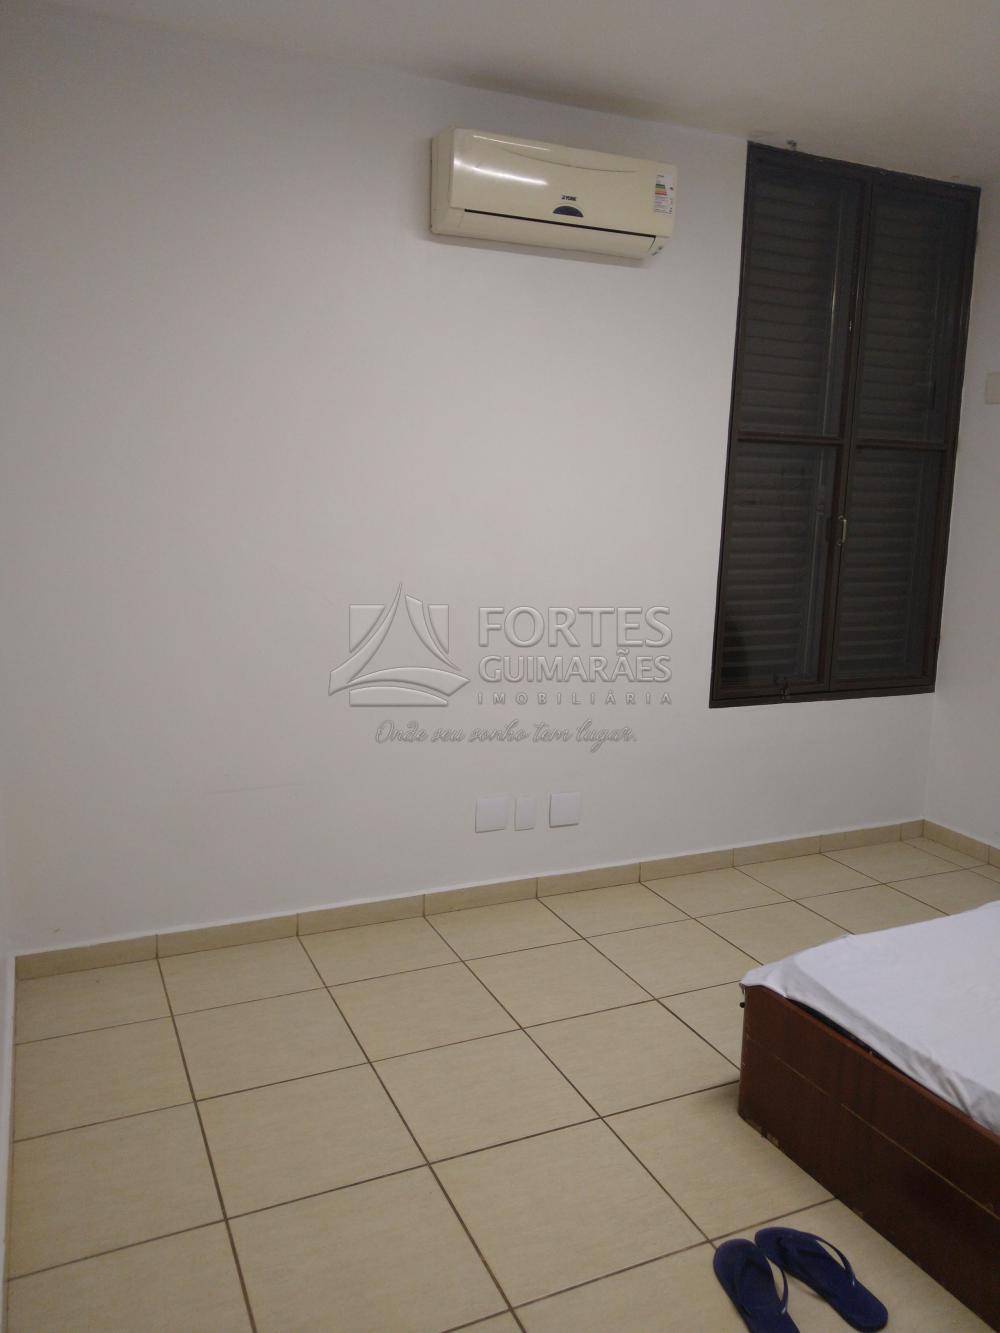 Alugar Comercial / Imóvel Comercial em Ribeirão Preto apenas R$ 12.000,00 - Foto 23